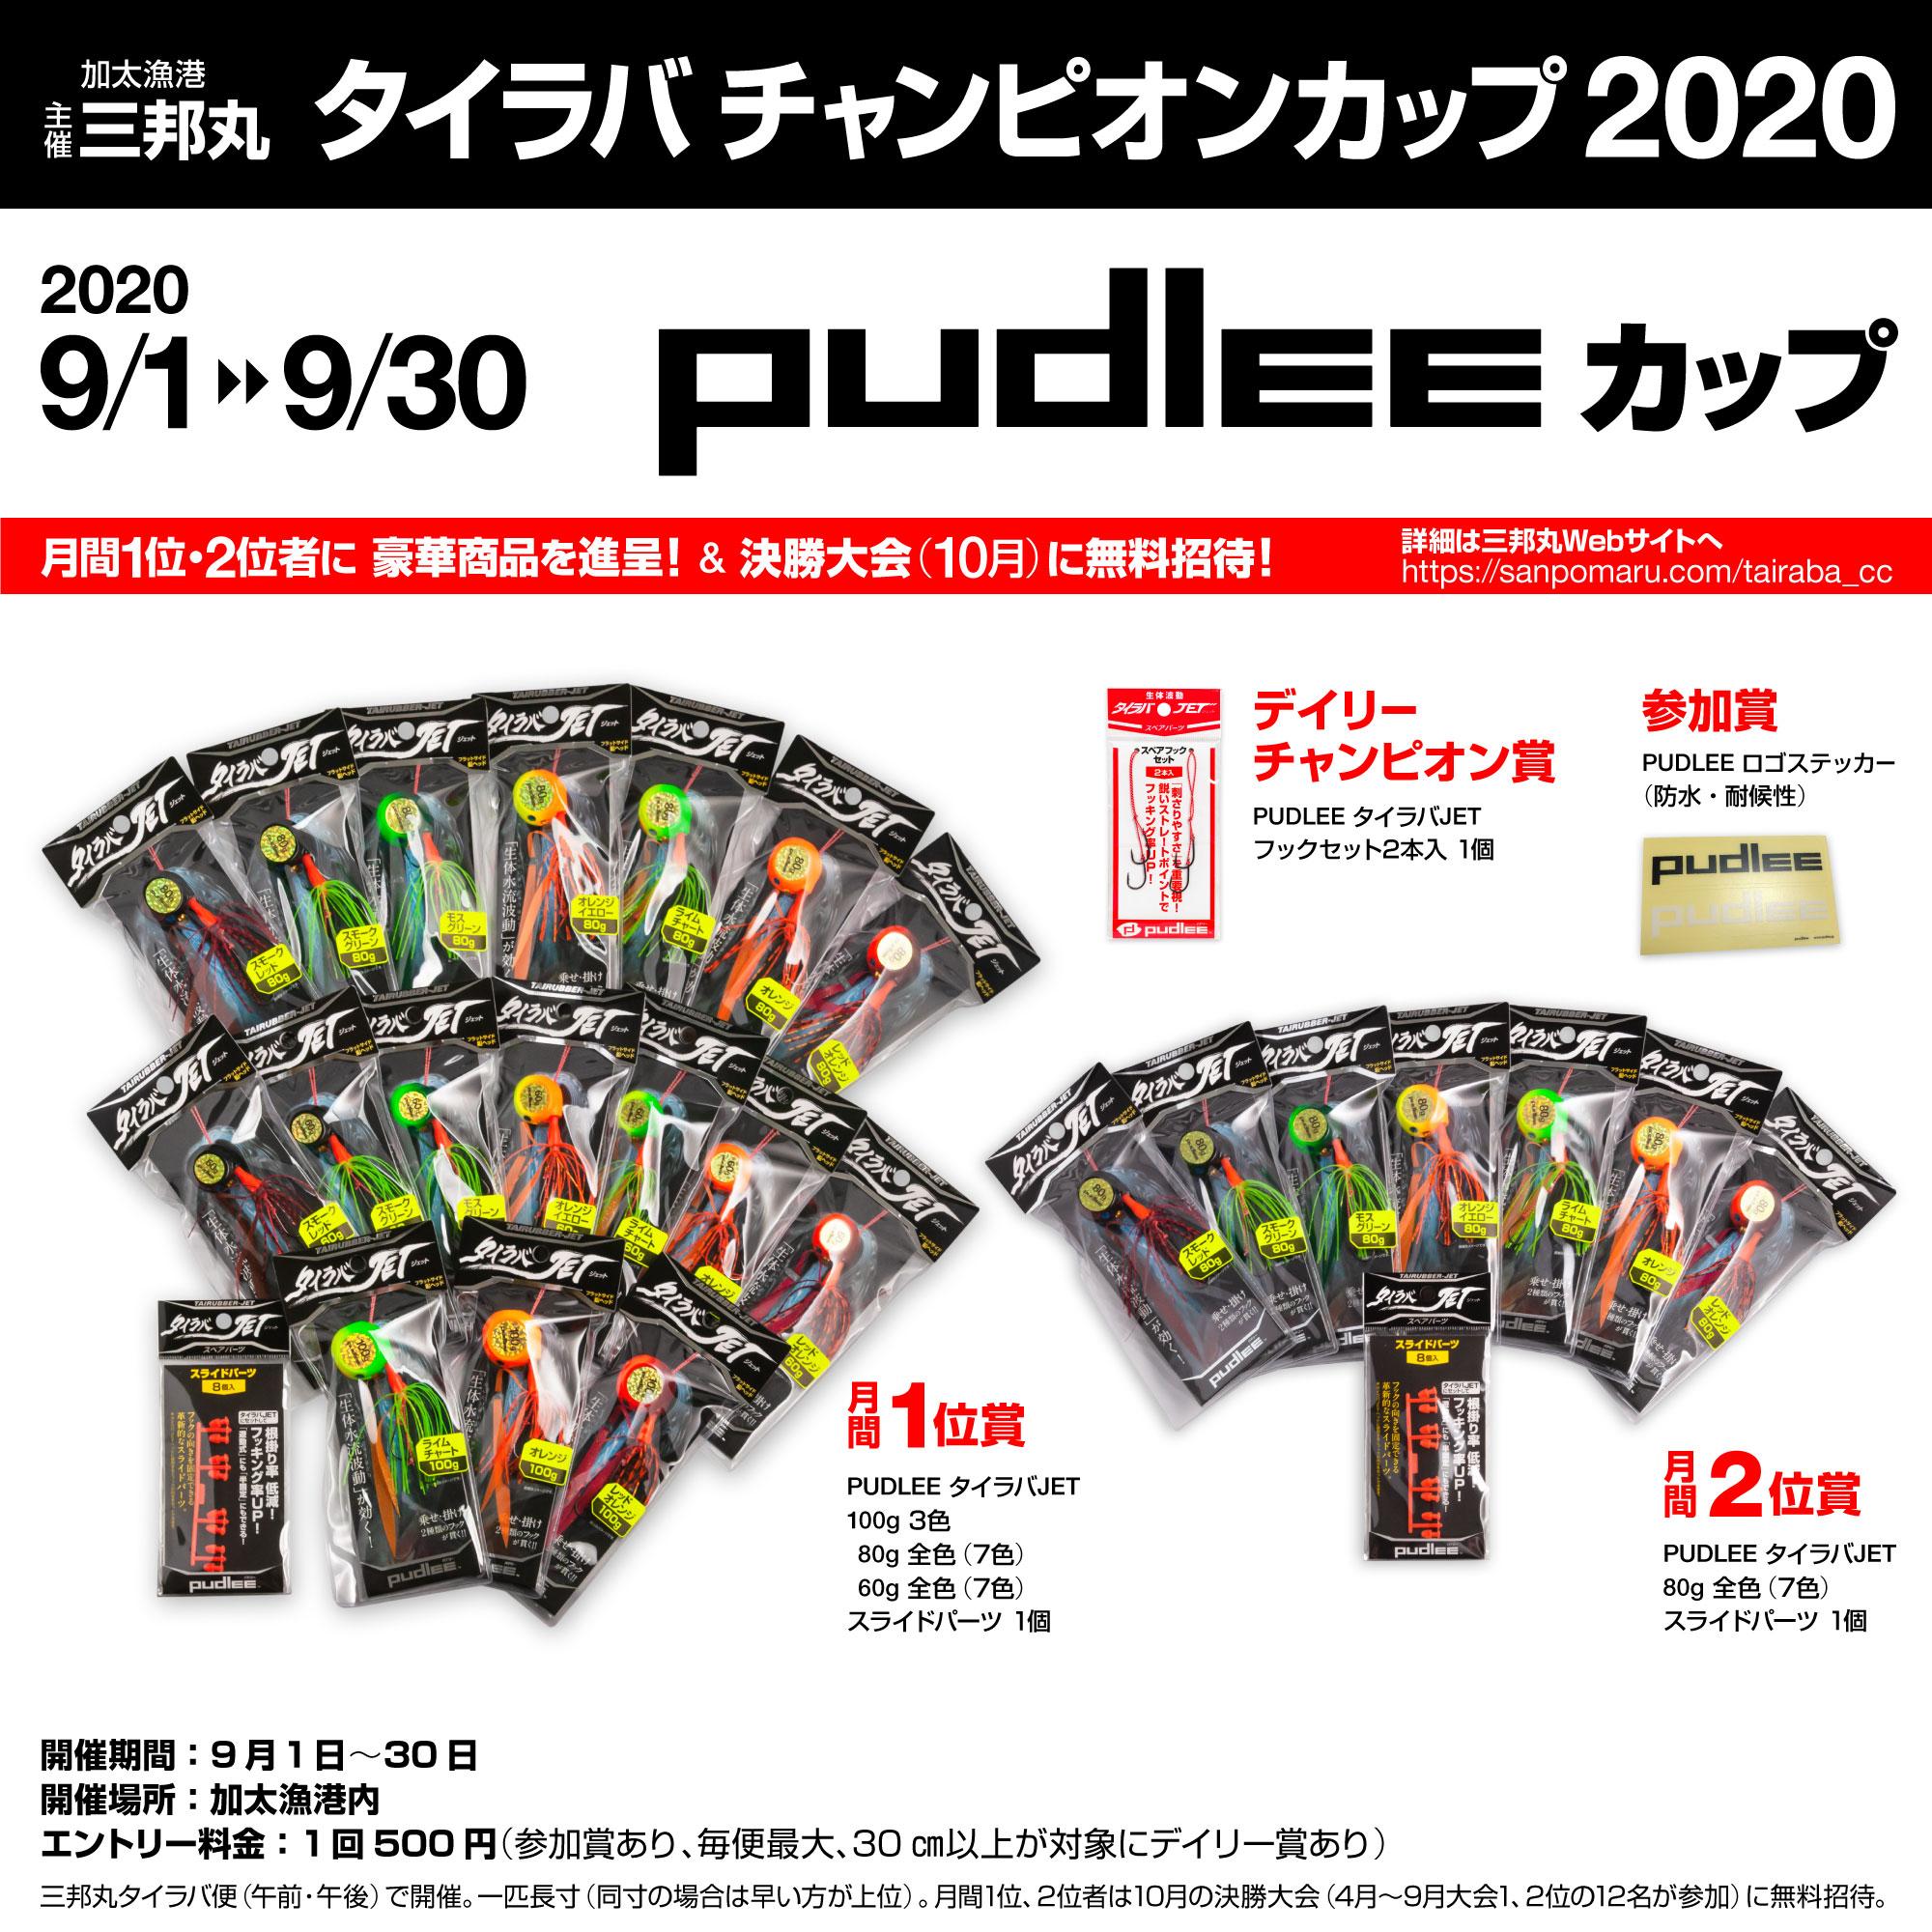 pudleeカップ タイラバチャンピオンカップ2020 in 加太